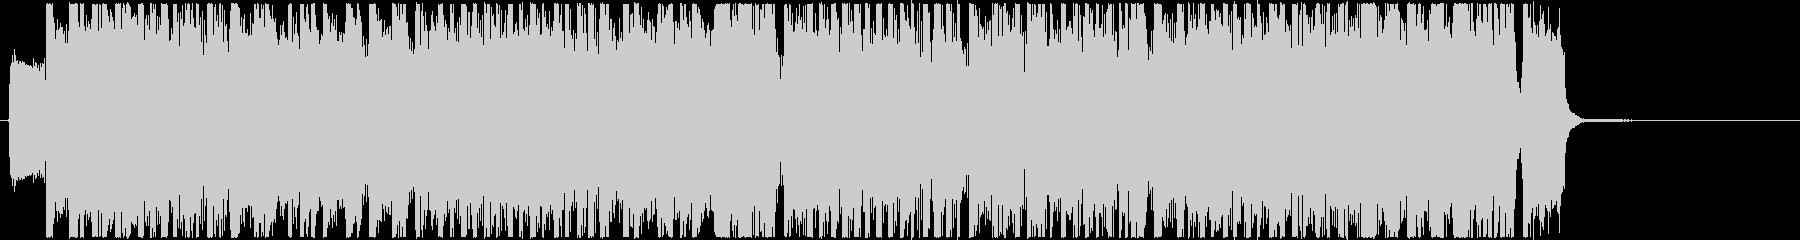 生演奏メタルなジングル16の未再生の波形